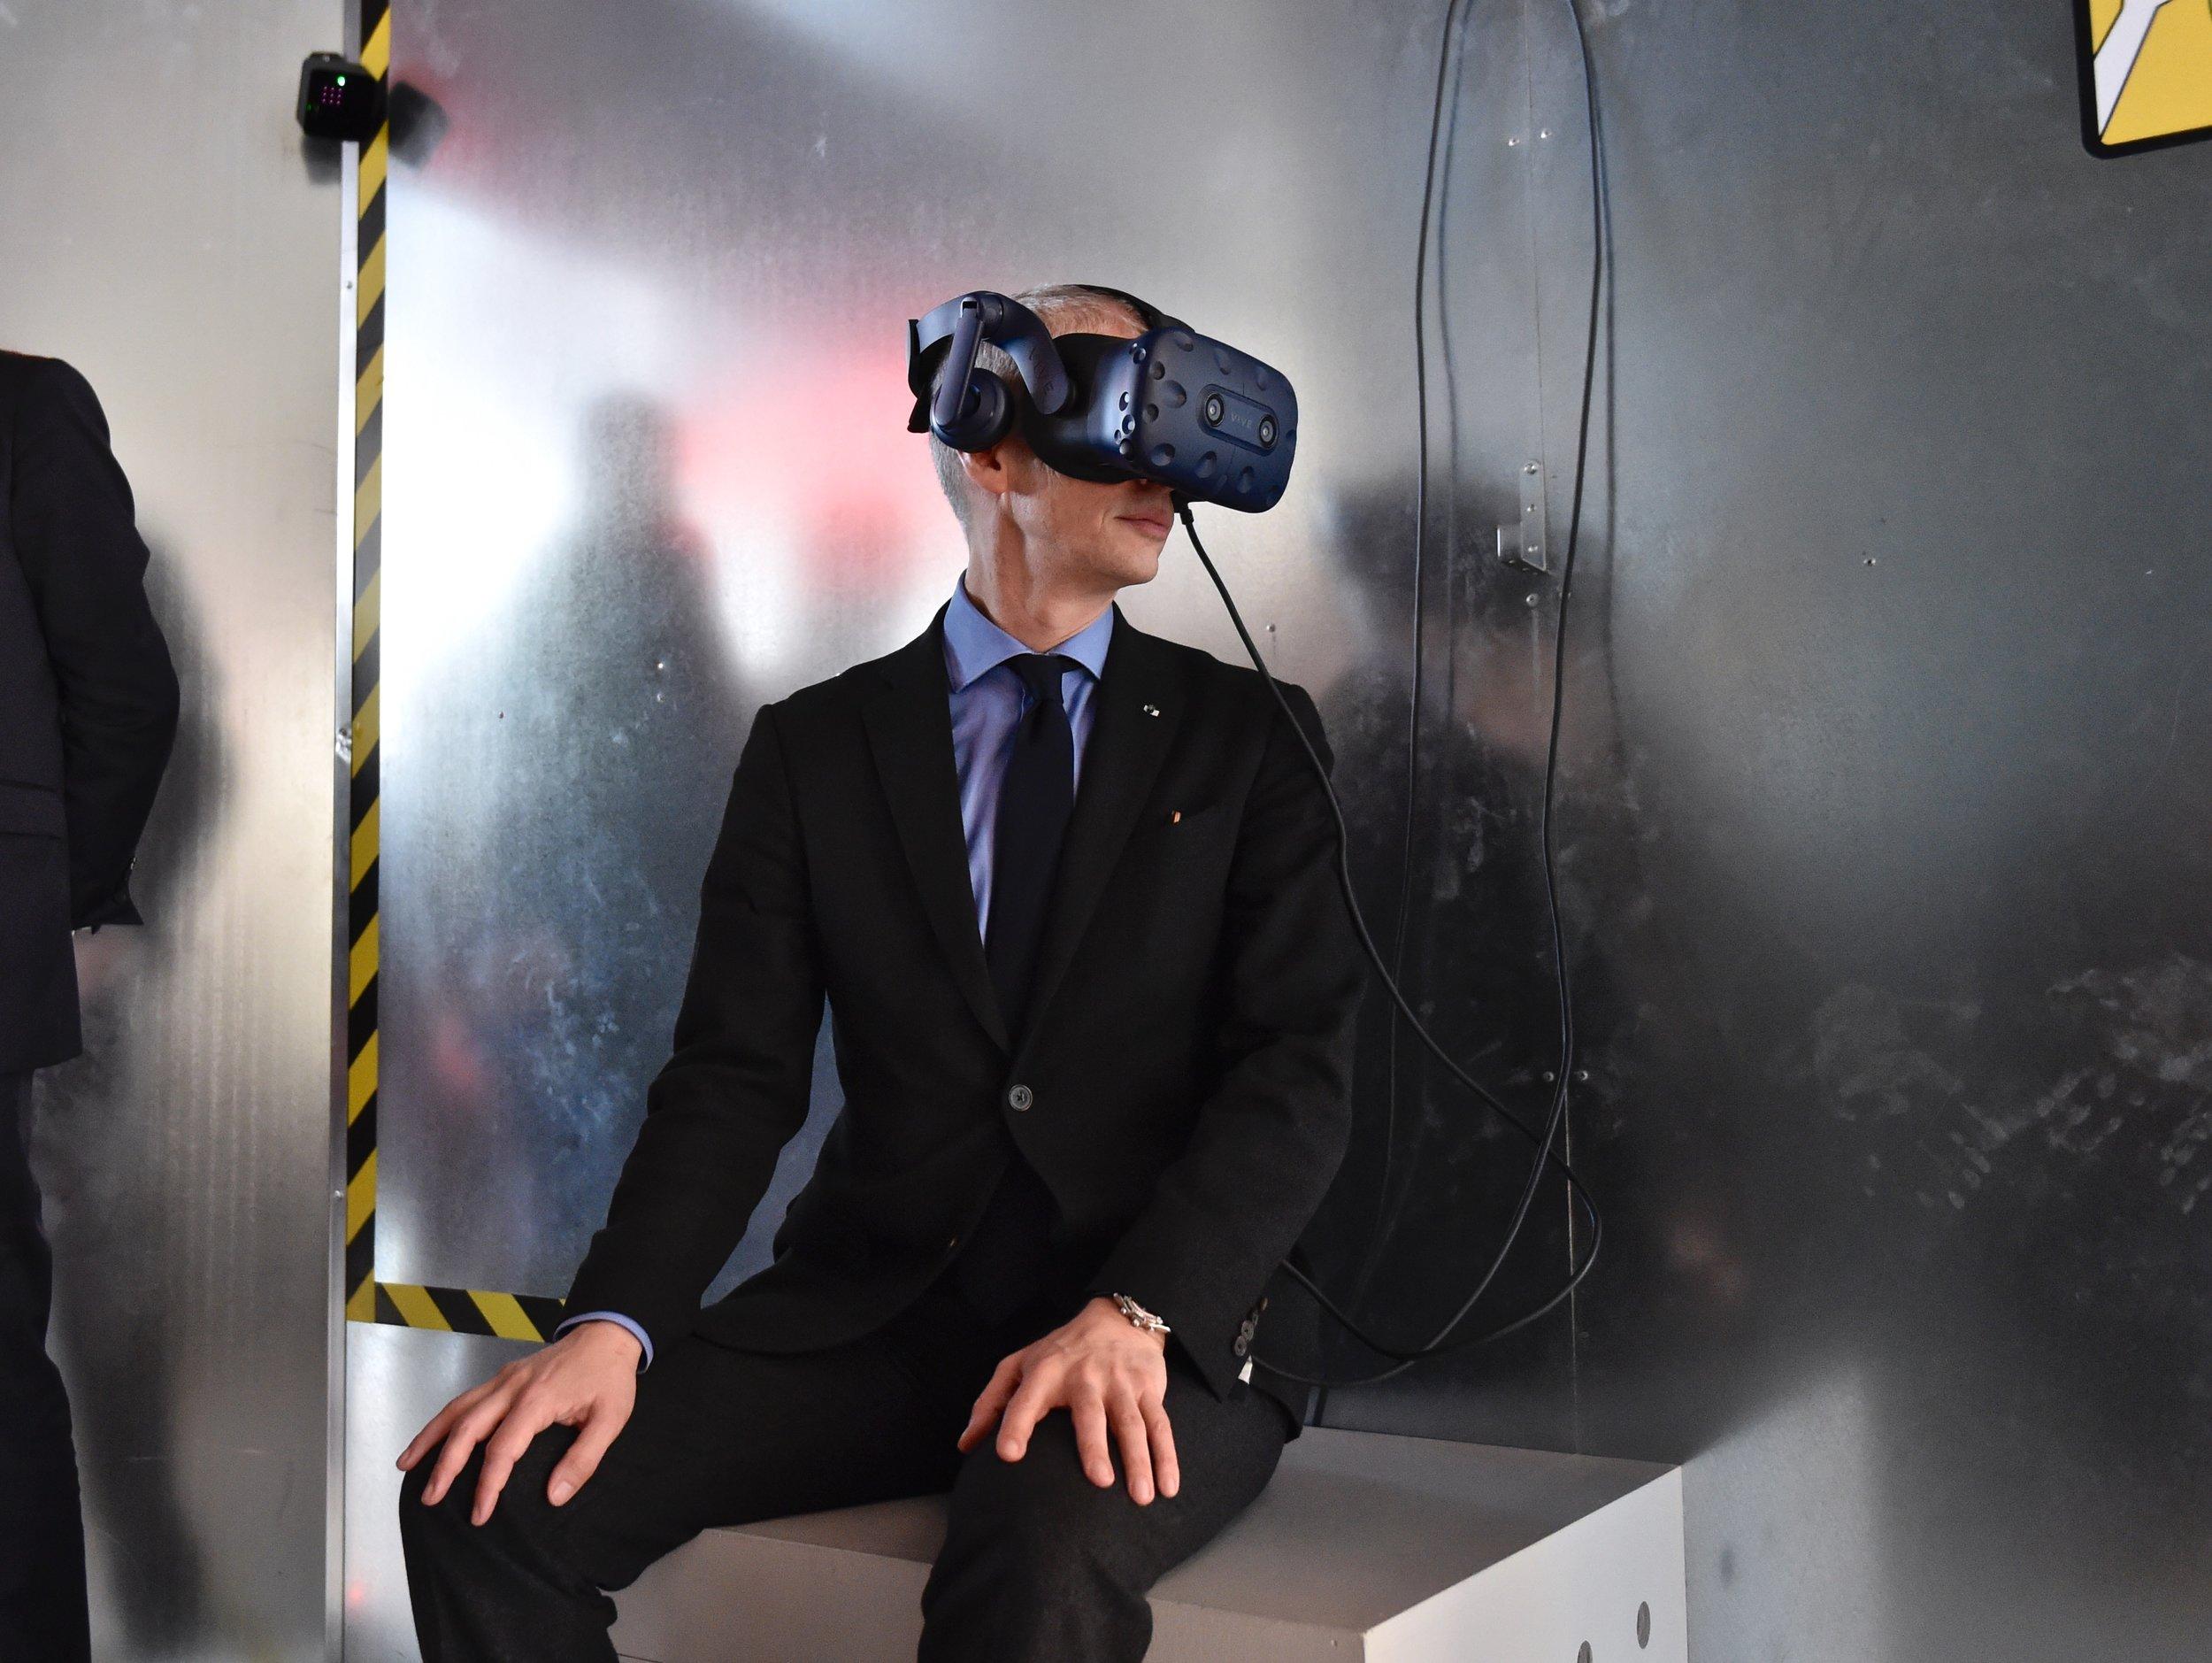 Le Ministre de la culture Franck Riester essayant le dispositif Universal war One VR